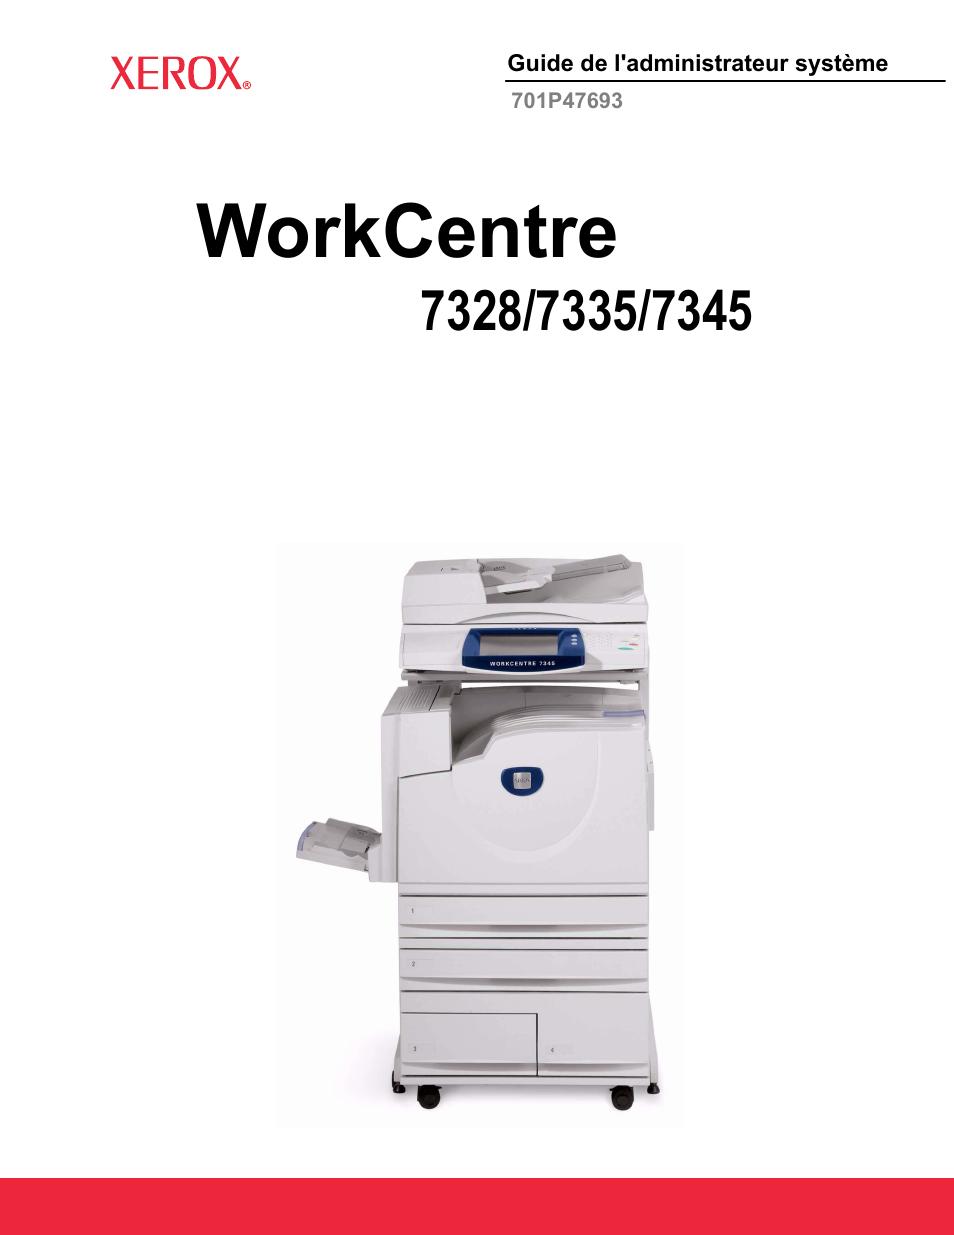 Xerox WorkCentre 7328-7335-7345-7346 avec built-in controller-12206 Manuel  d'utilisation | Pages: 241 | Aussi pour: WorkCentre 7328-7335-7345-7346  avec ...